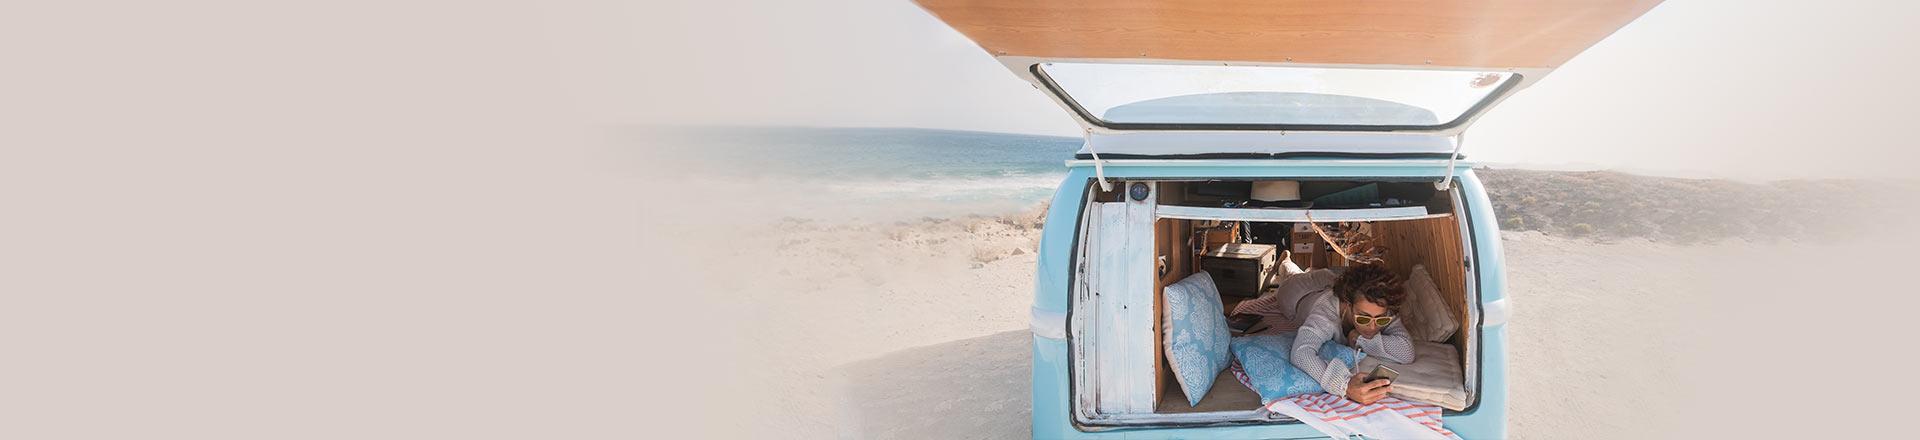 Reise-App: Mann im Auto am Strand